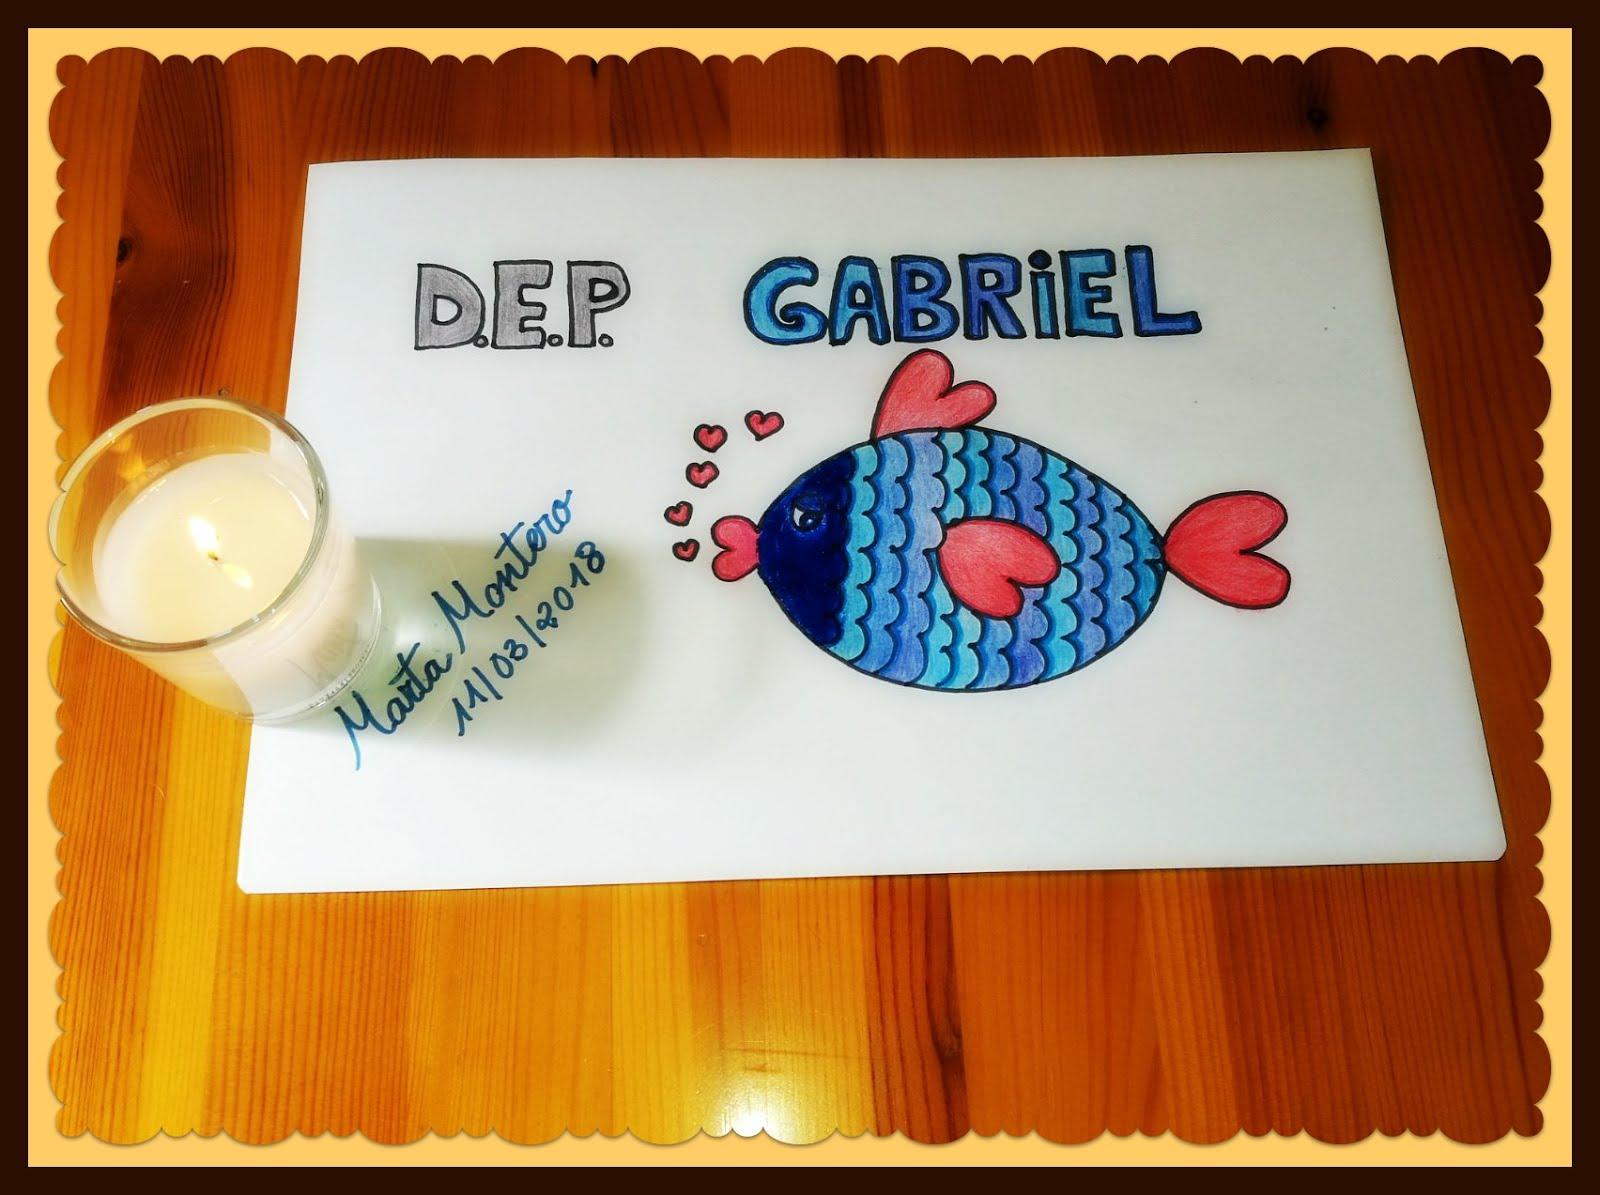 🐟 * Todos Somos Gabriel * 🐟